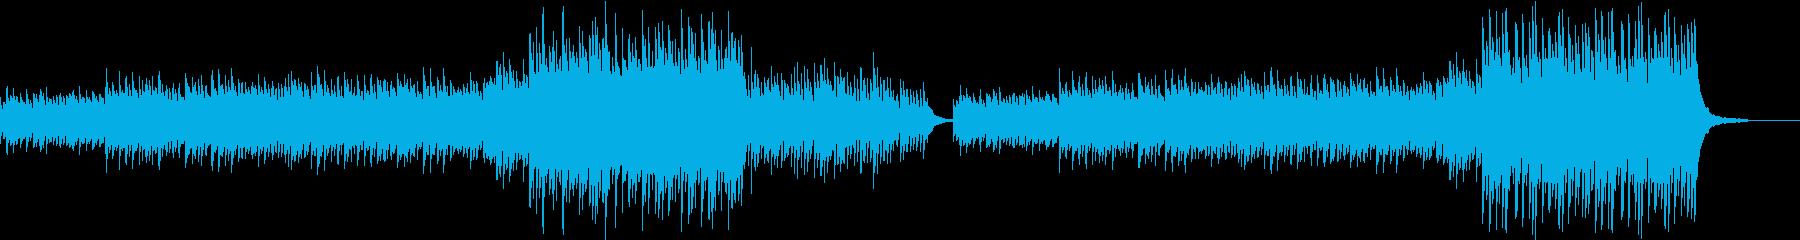 暗めで坦々と続く映画のサウンドトラック風の再生済みの波形